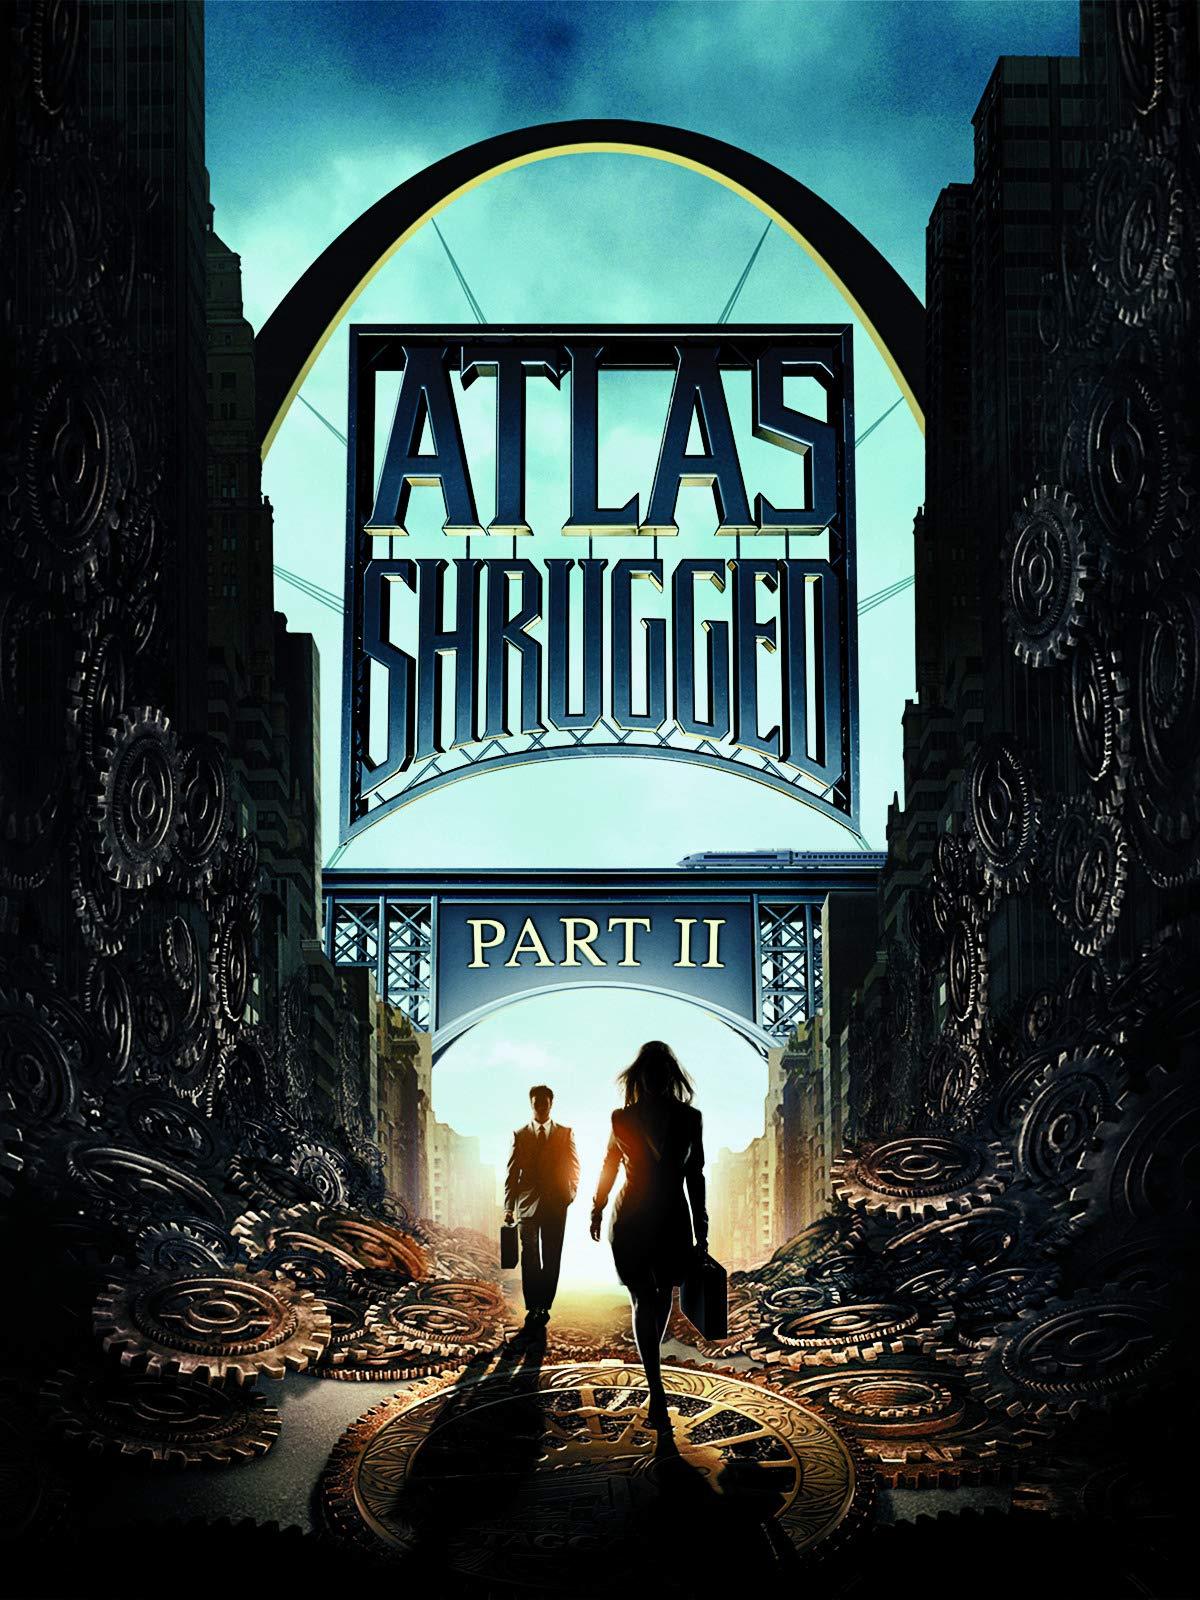 atlas shrugged movie part 1 watch online free